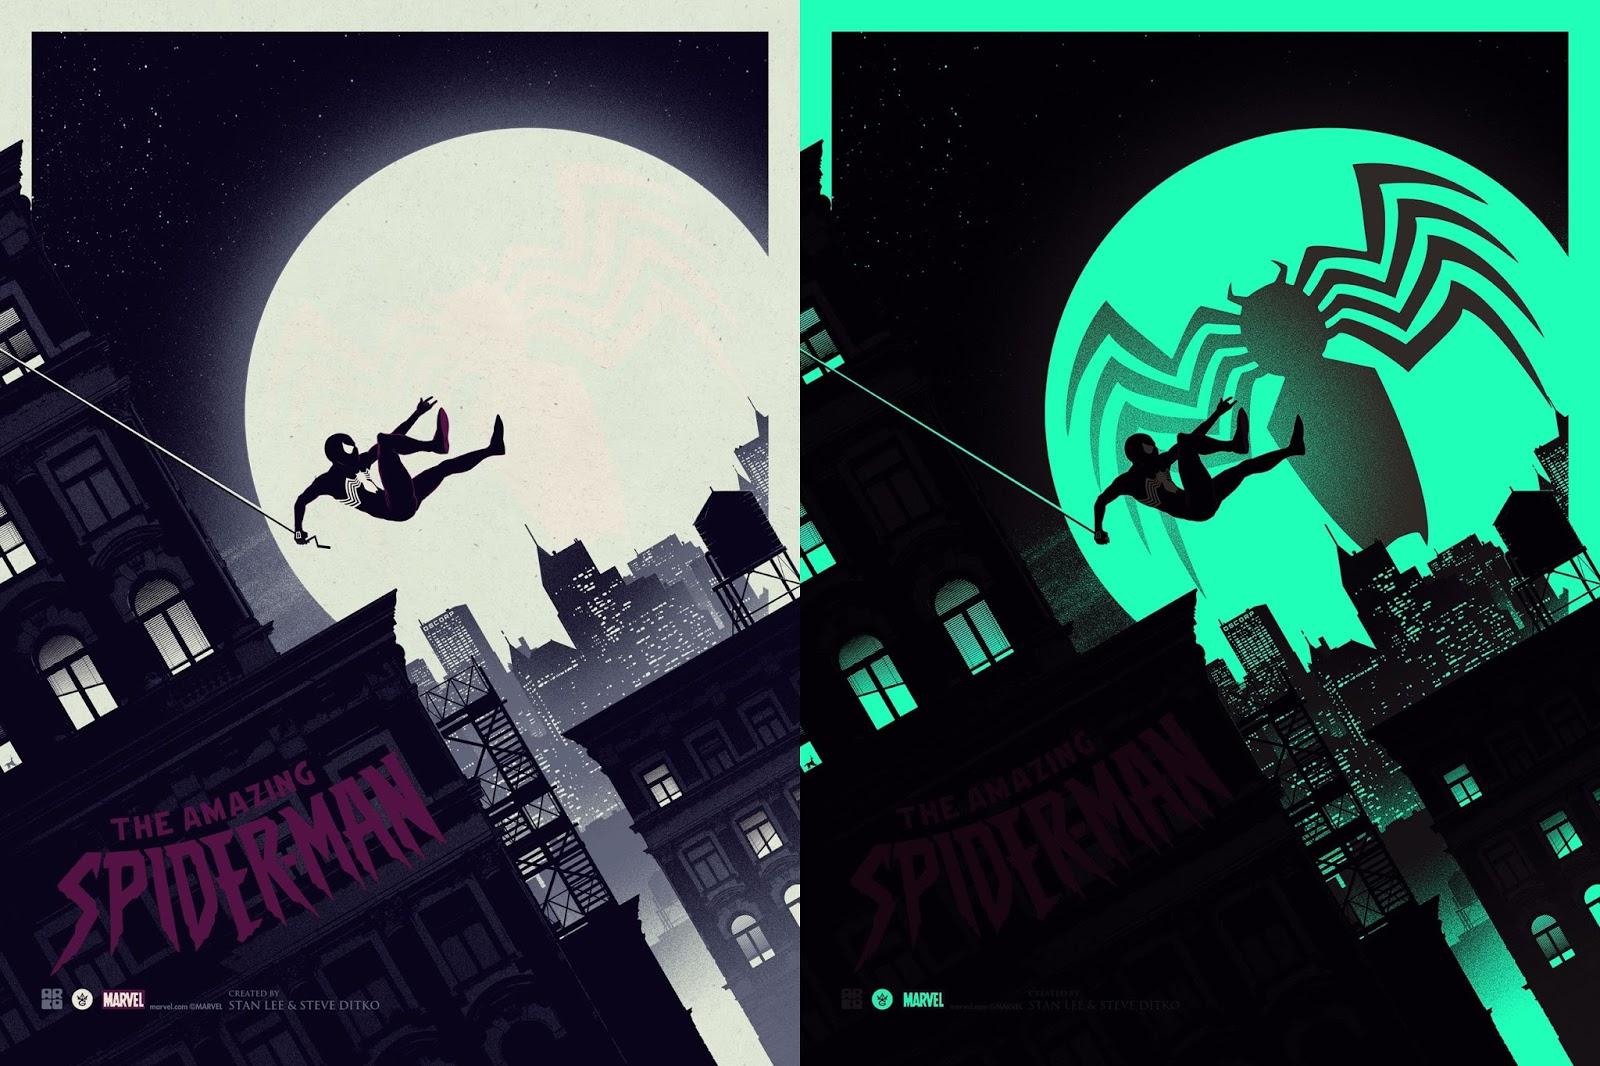 THE AVENGERS handbill poster BLACK WIDOW Variant art print Matt Ferguson